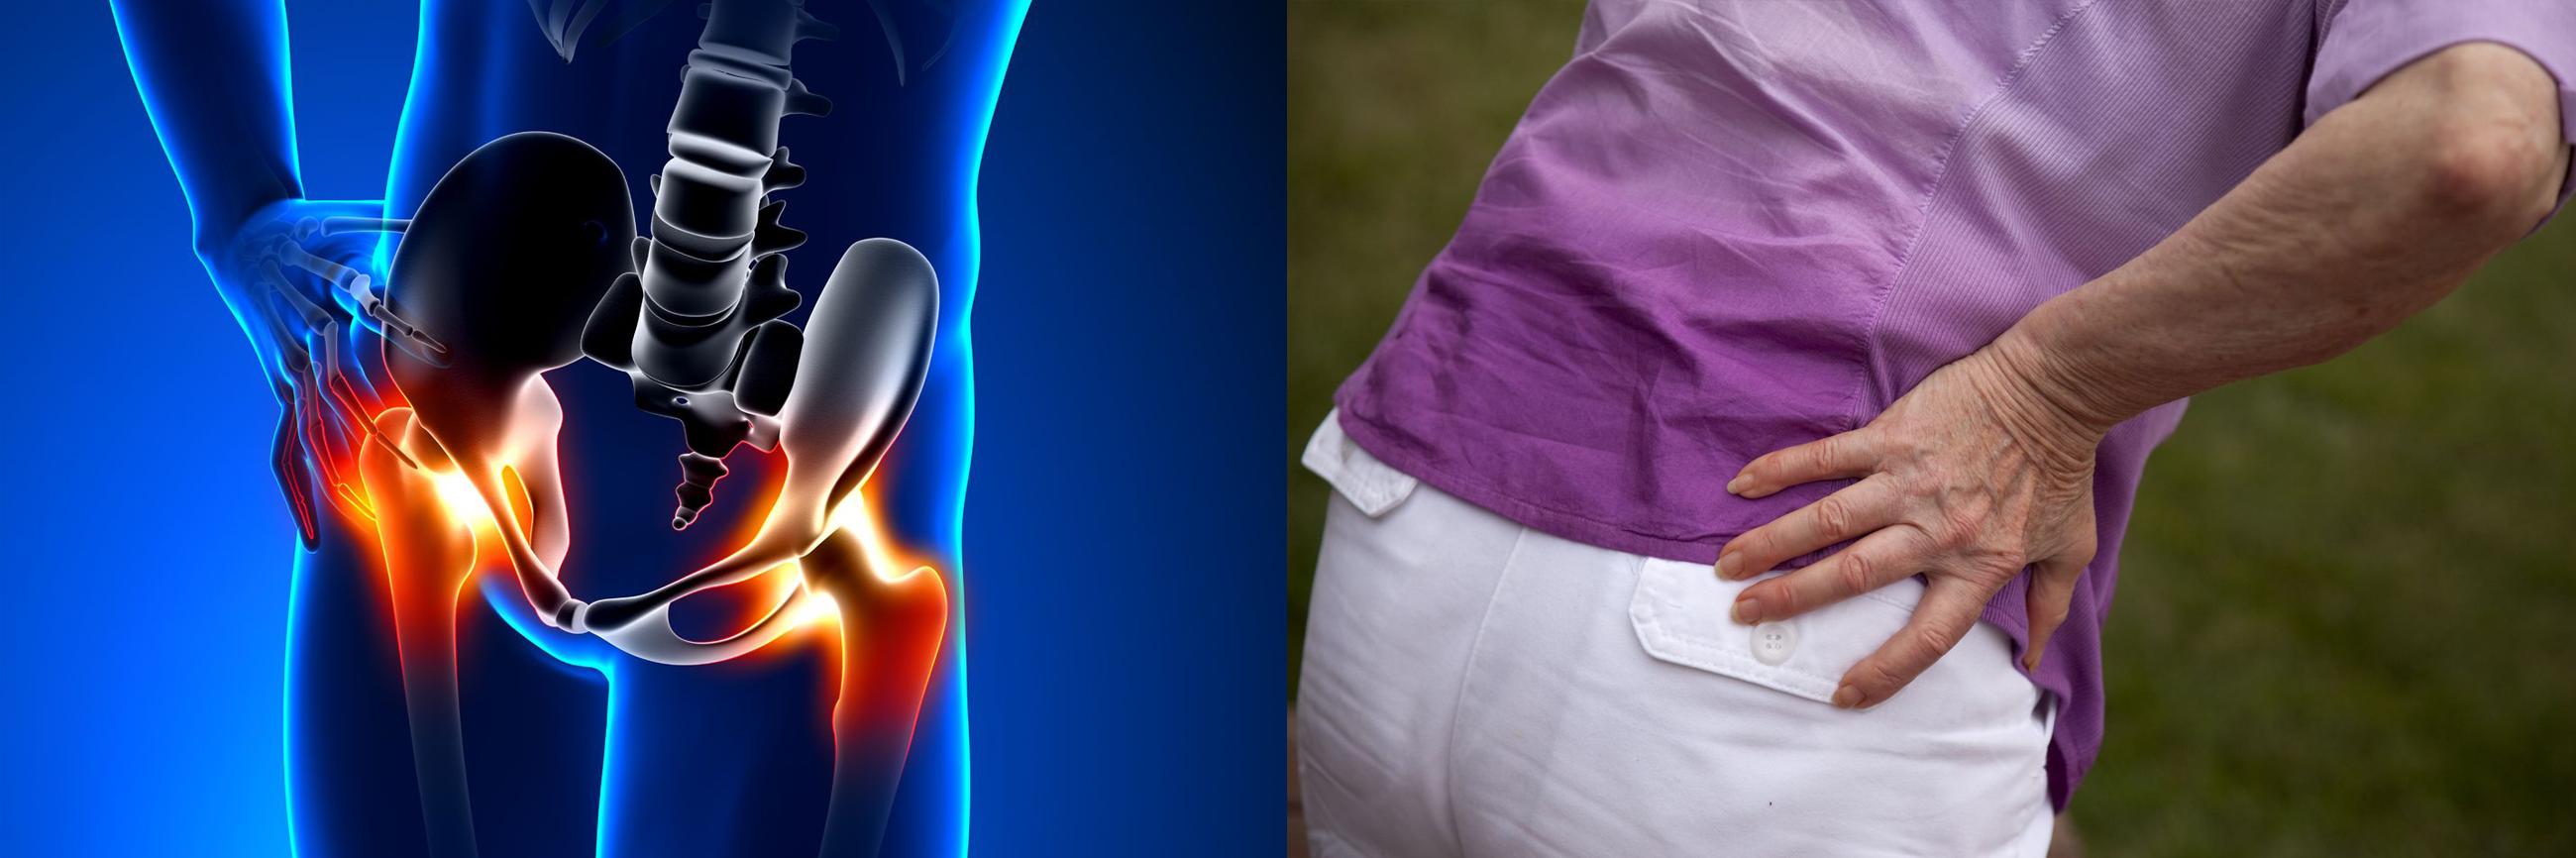 miért fáj a csípőízület járás közben